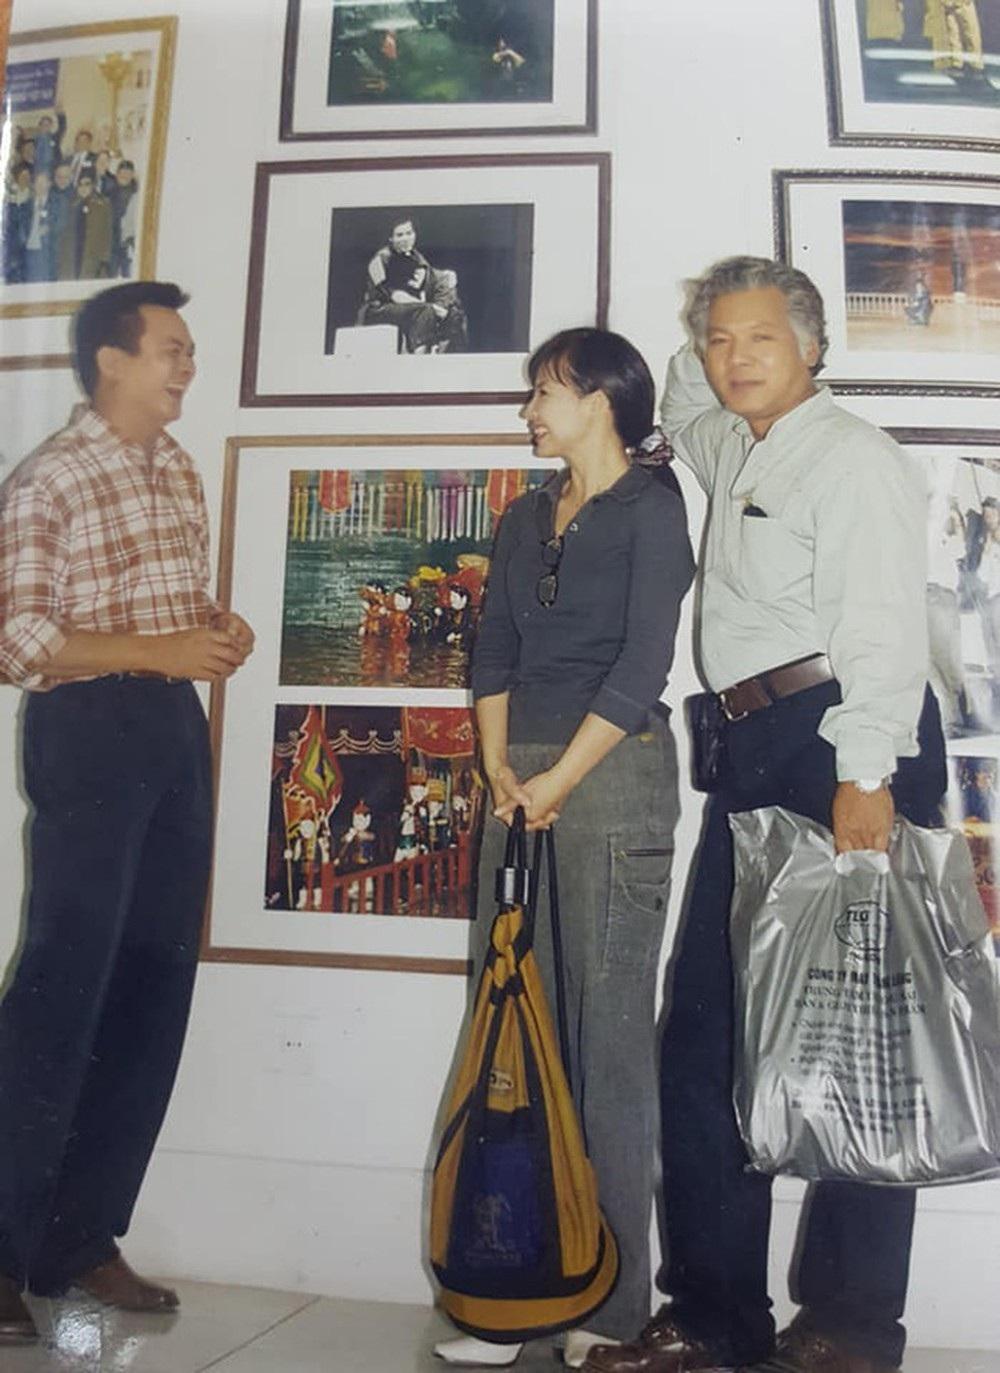 NSND Lan Hương xúc động kể về giây phút cuối cùng của NSND Anh Tú - Ảnh 2.